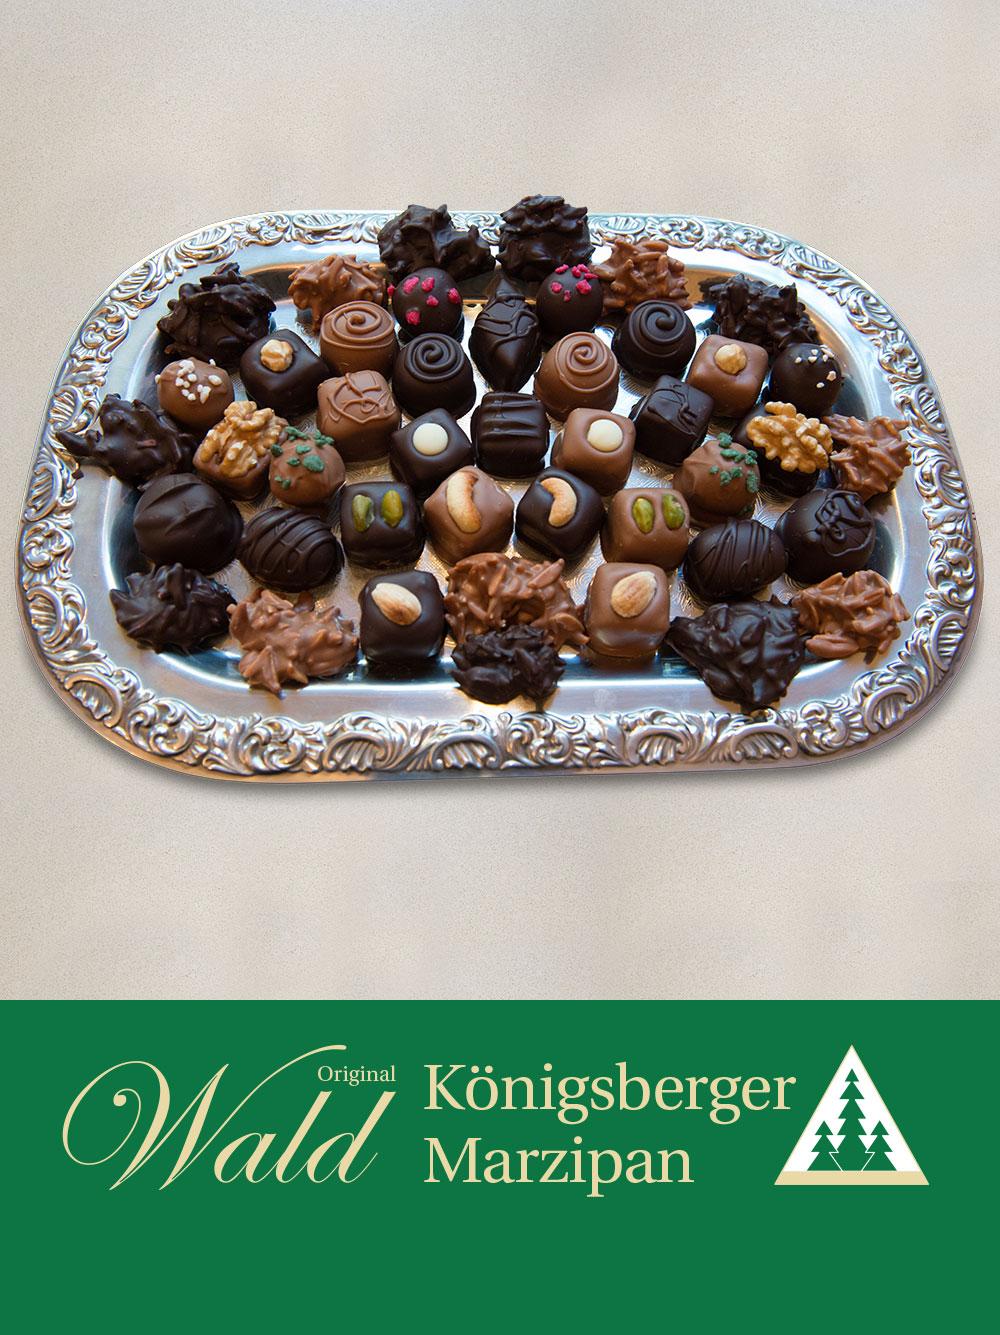 Original Wald Königsberger Marzipanpralinen 200g